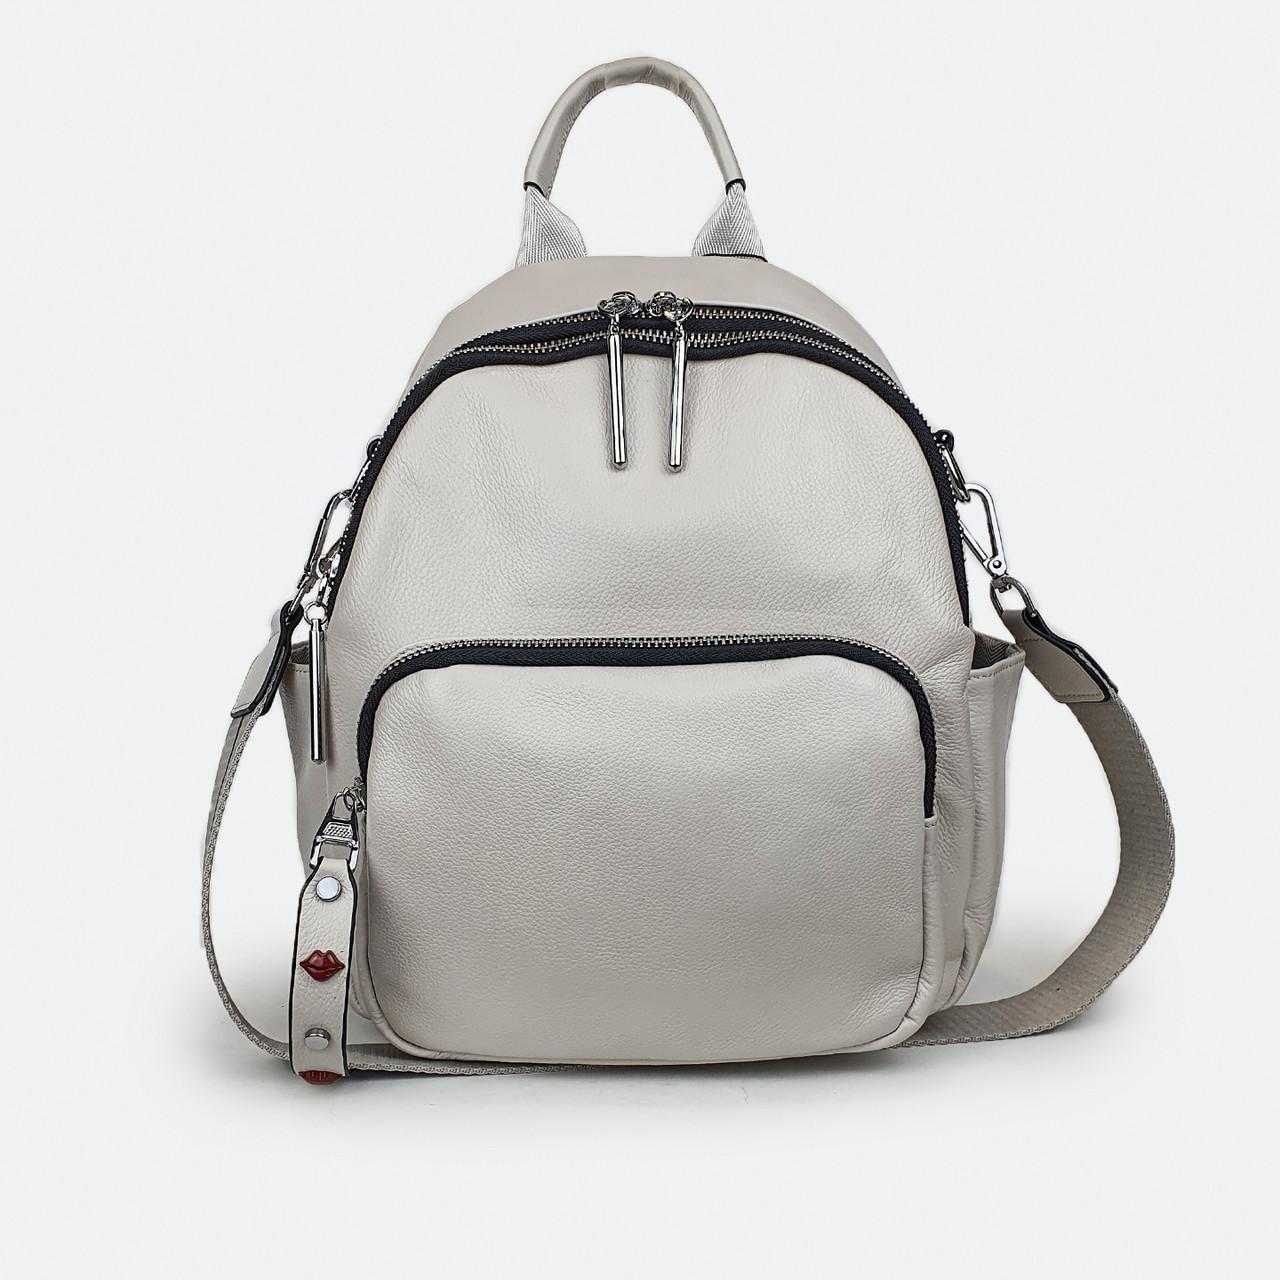 Модный сумка-рюкзак женский кожаный светло-бежевый Z015